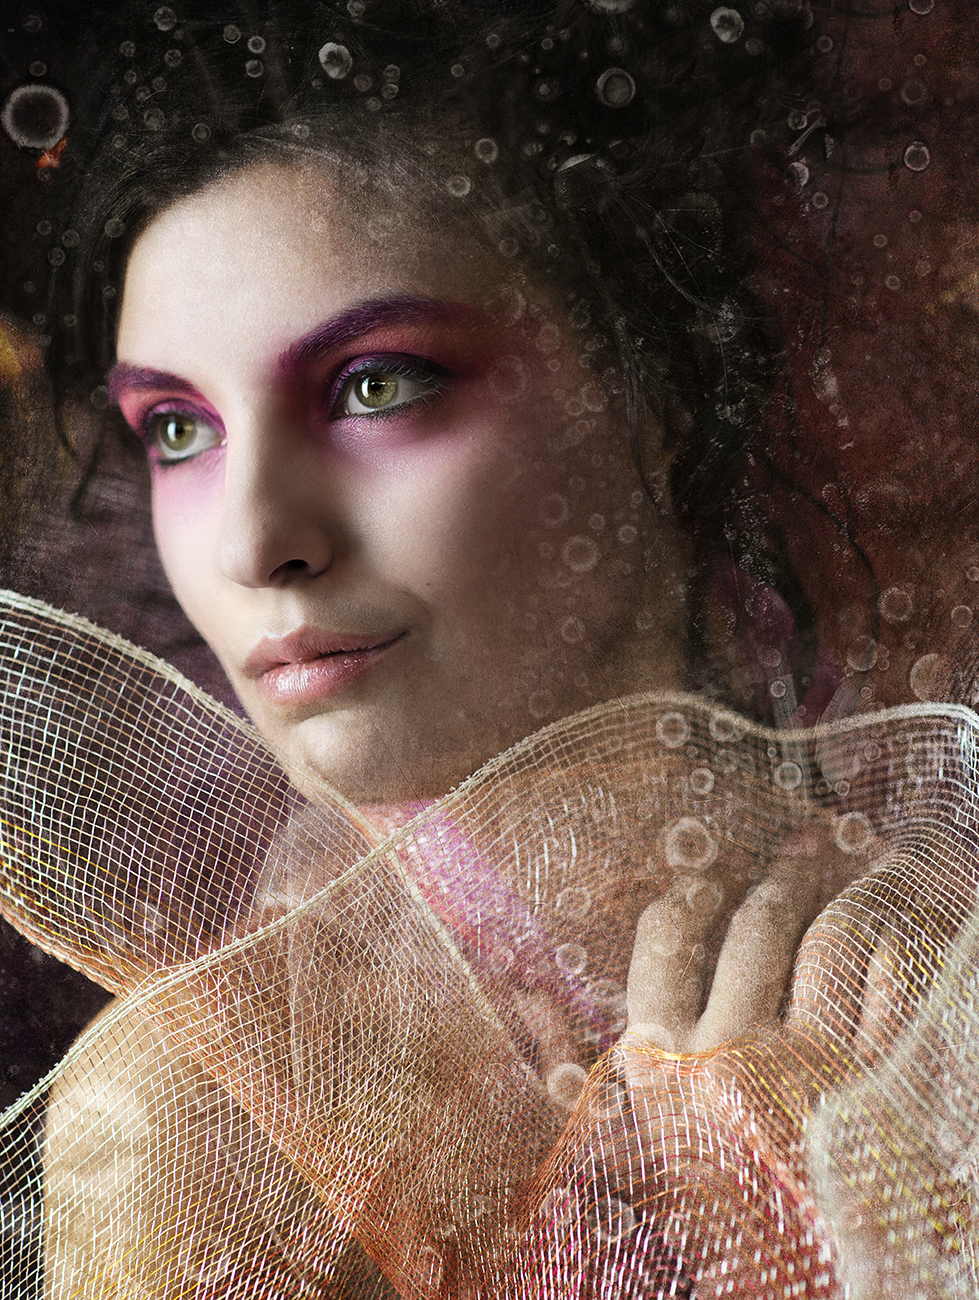 girl w red eye shadow.jpg